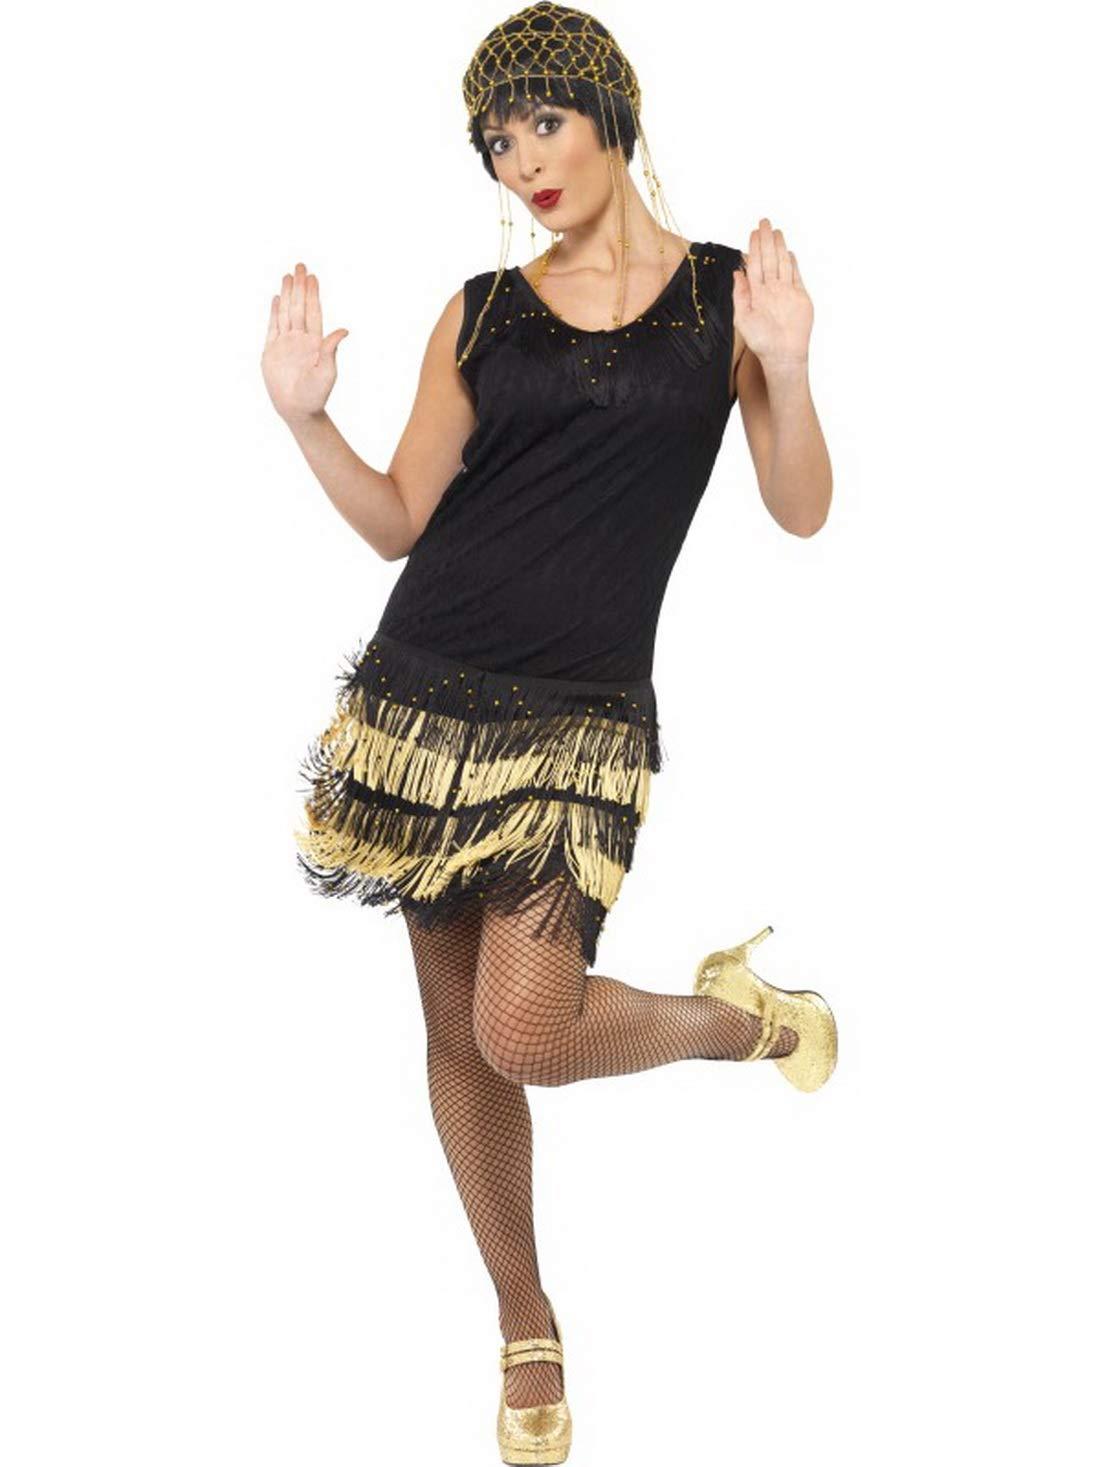 Luxuspiraten - Damen Frauen Flapper Kostüm im Jahre 20er Jahre im Swing Stil mit kurzem Stufen-Kleid mit Fransen Spitzenfront und Perlen, perfekt für Karneval, Fasching und Fastnacht, M, Schwarz 78474a